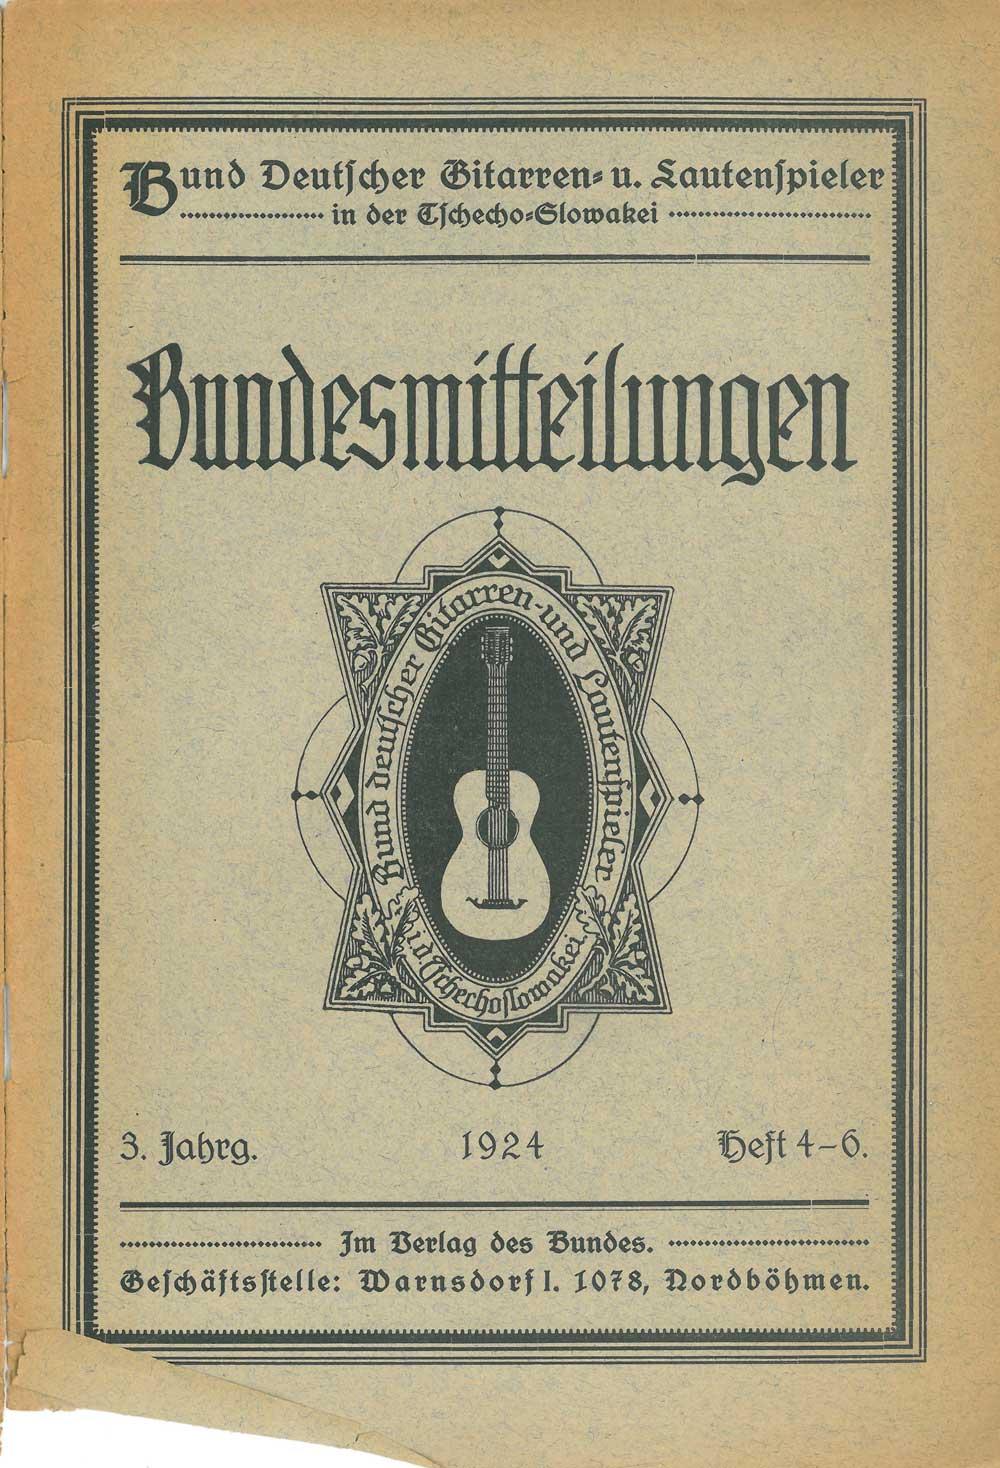 Bundesmitteilungen des Bundes Deutscher Gitarren- und Lautenspieler in der Tschecho-Slowakei